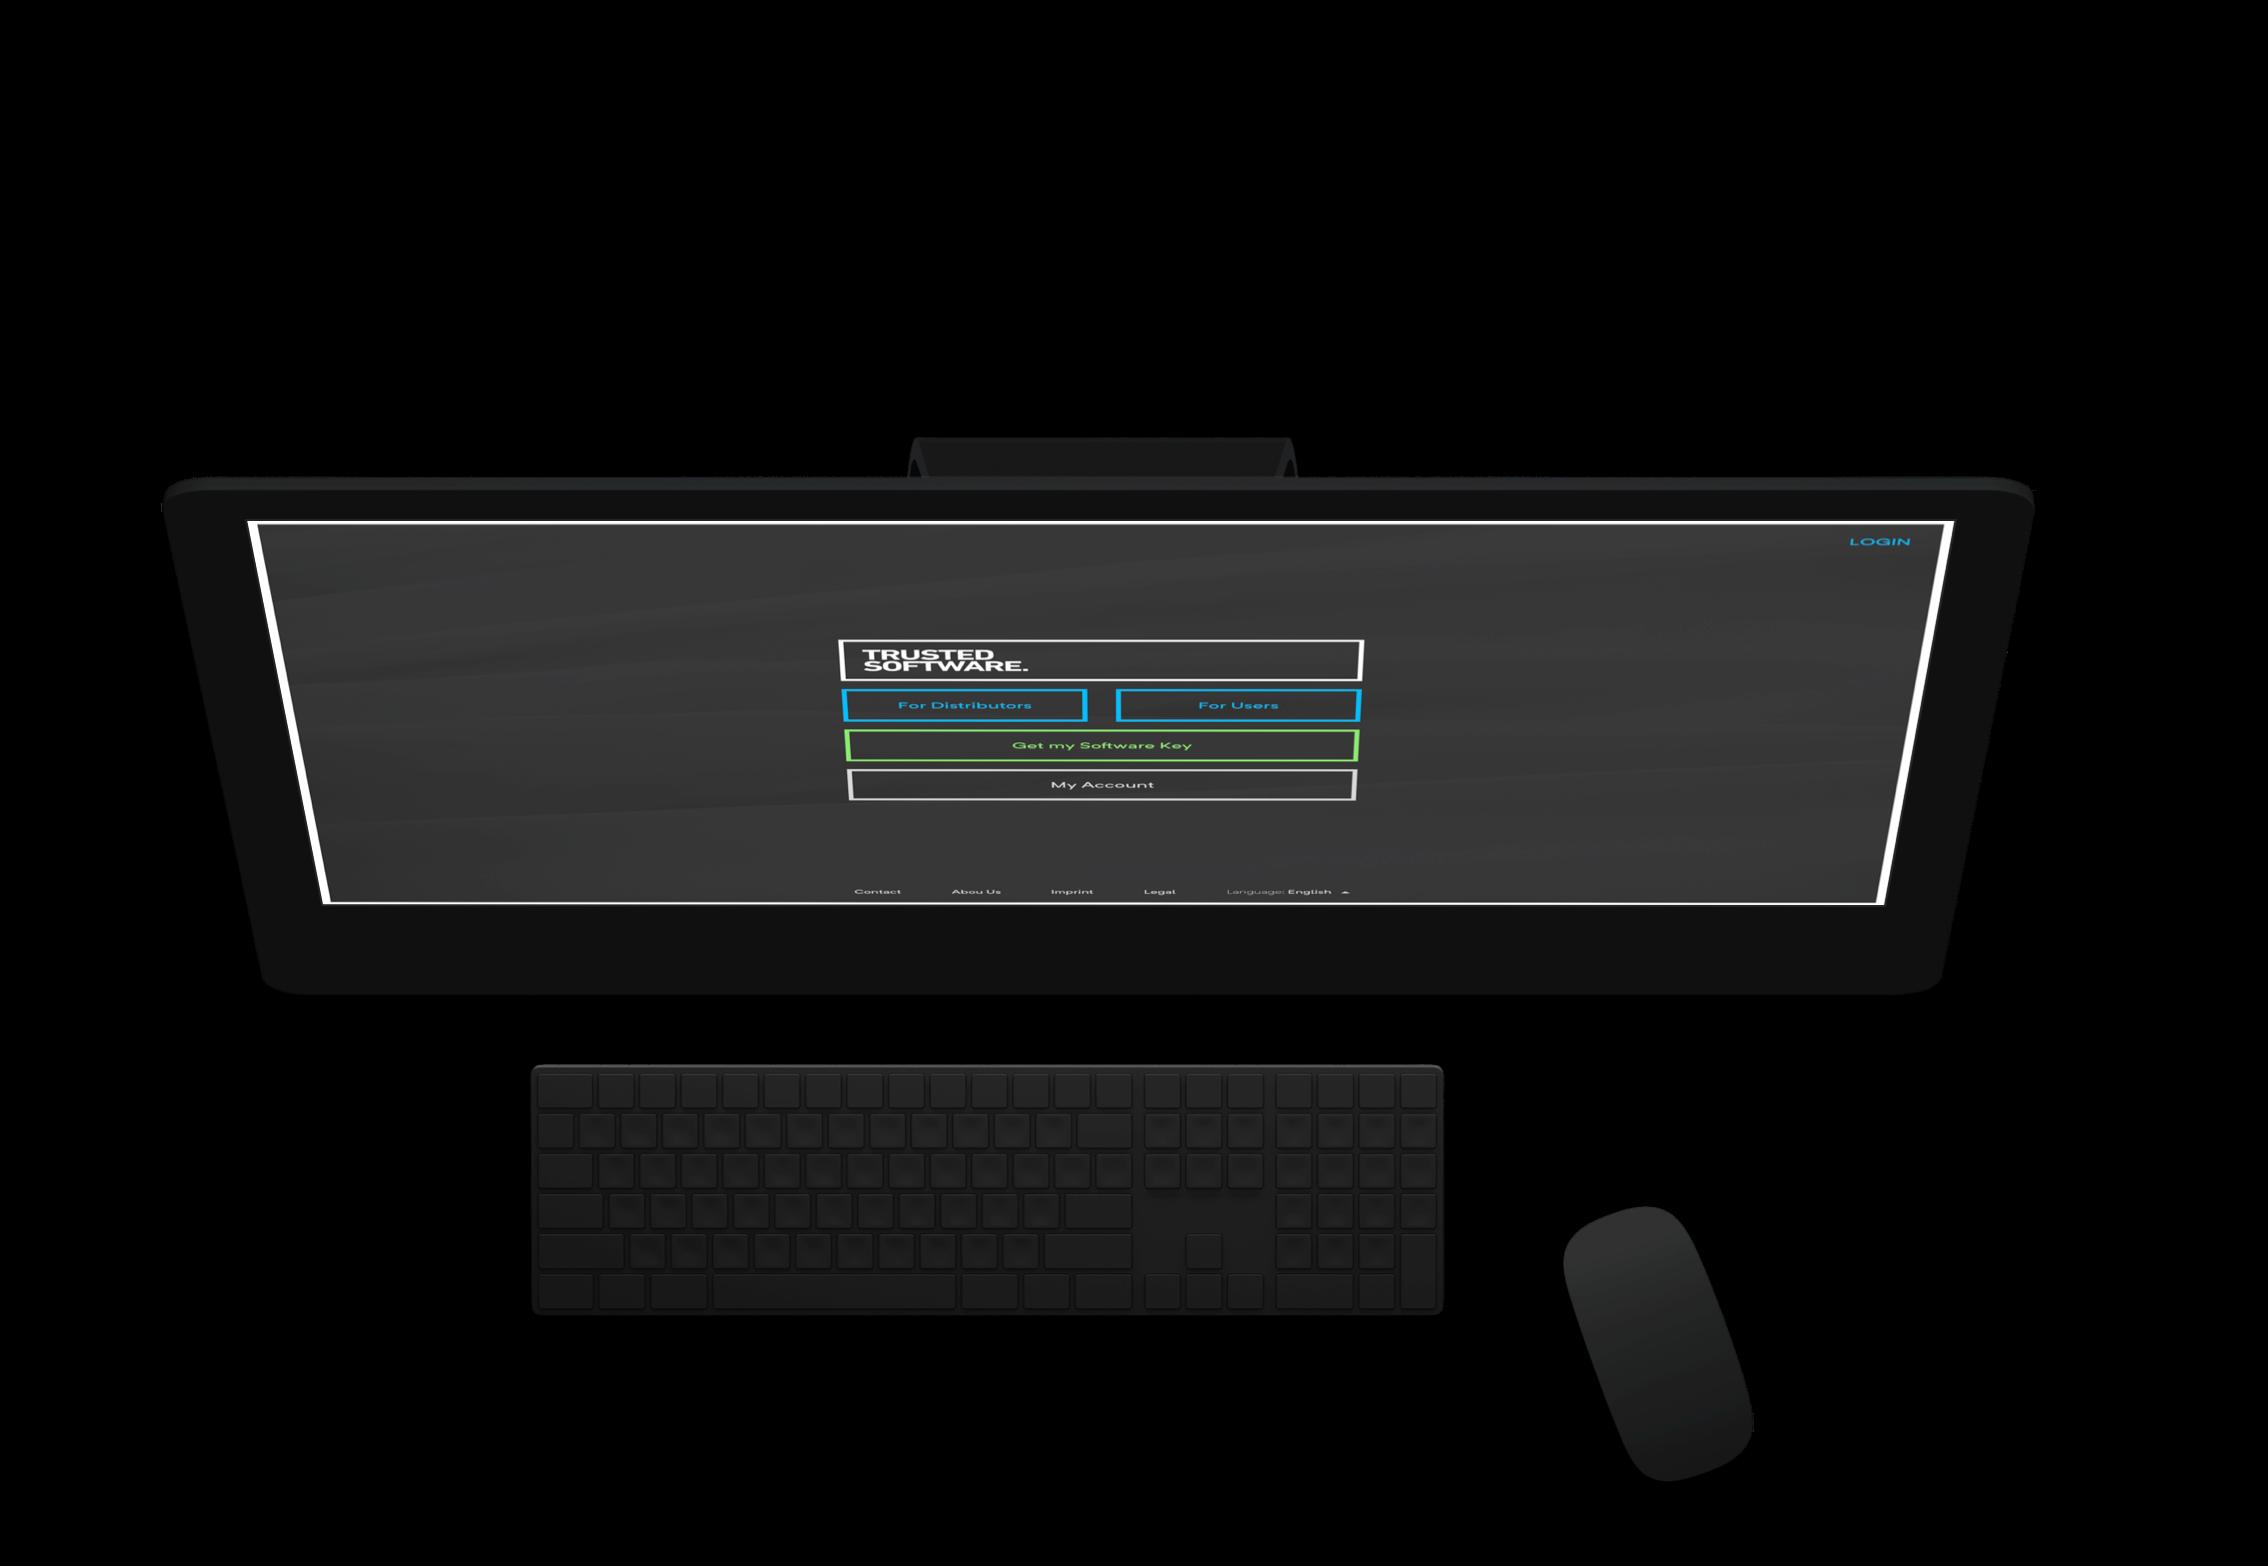 Trusted Software design by Manu Franco - UX designer